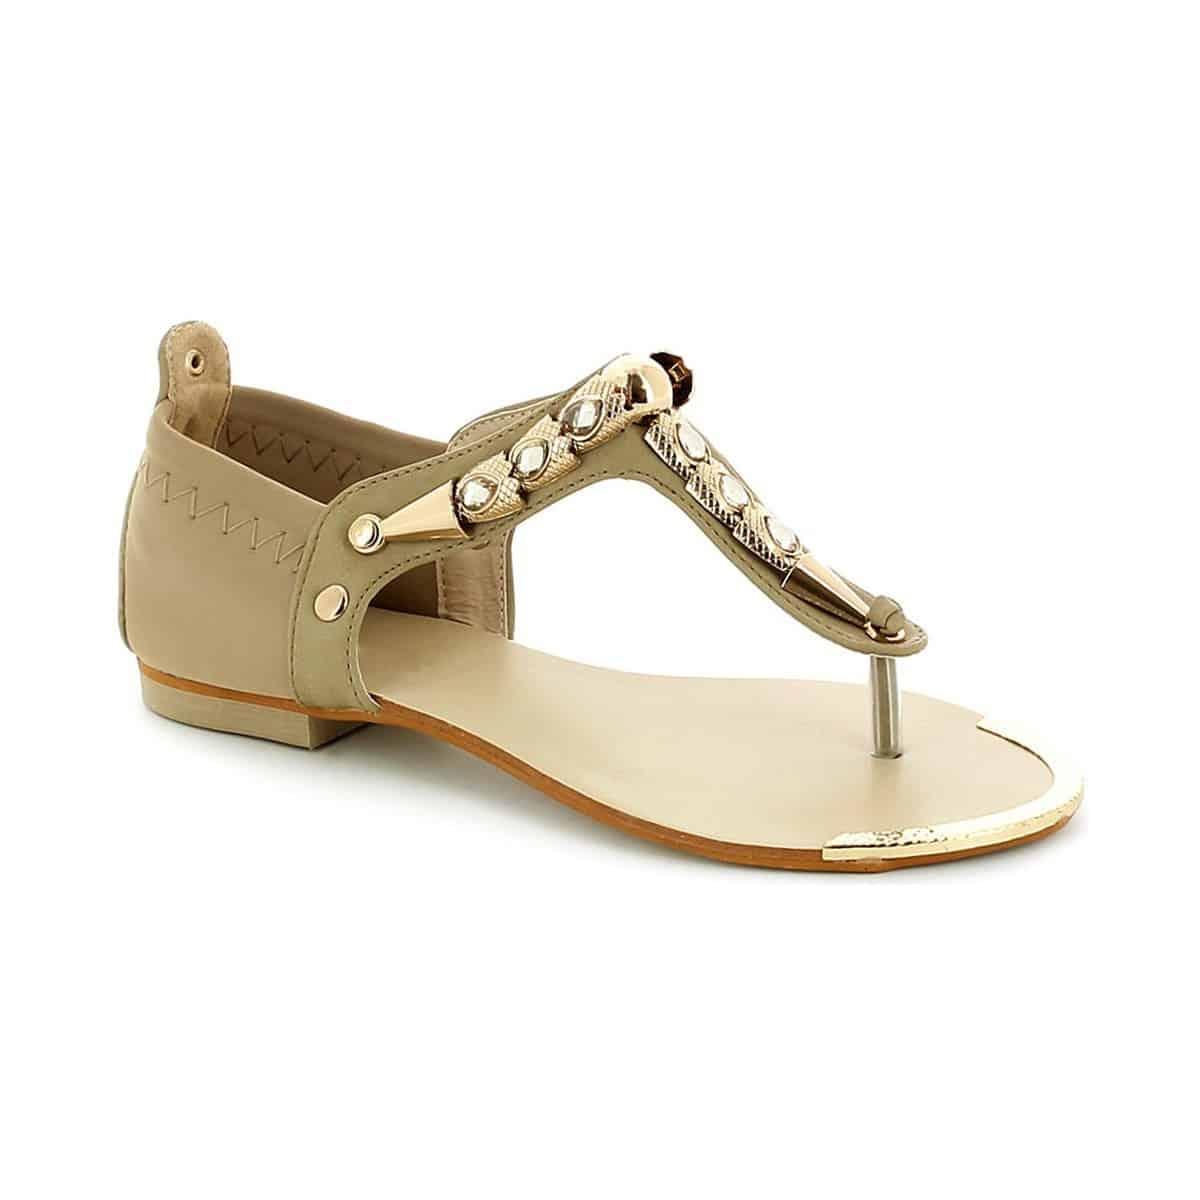 printemps t 2016 escarpins sandales plates les grandes marques tendances oh my shoe. Black Bedroom Furniture Sets. Home Design Ideas